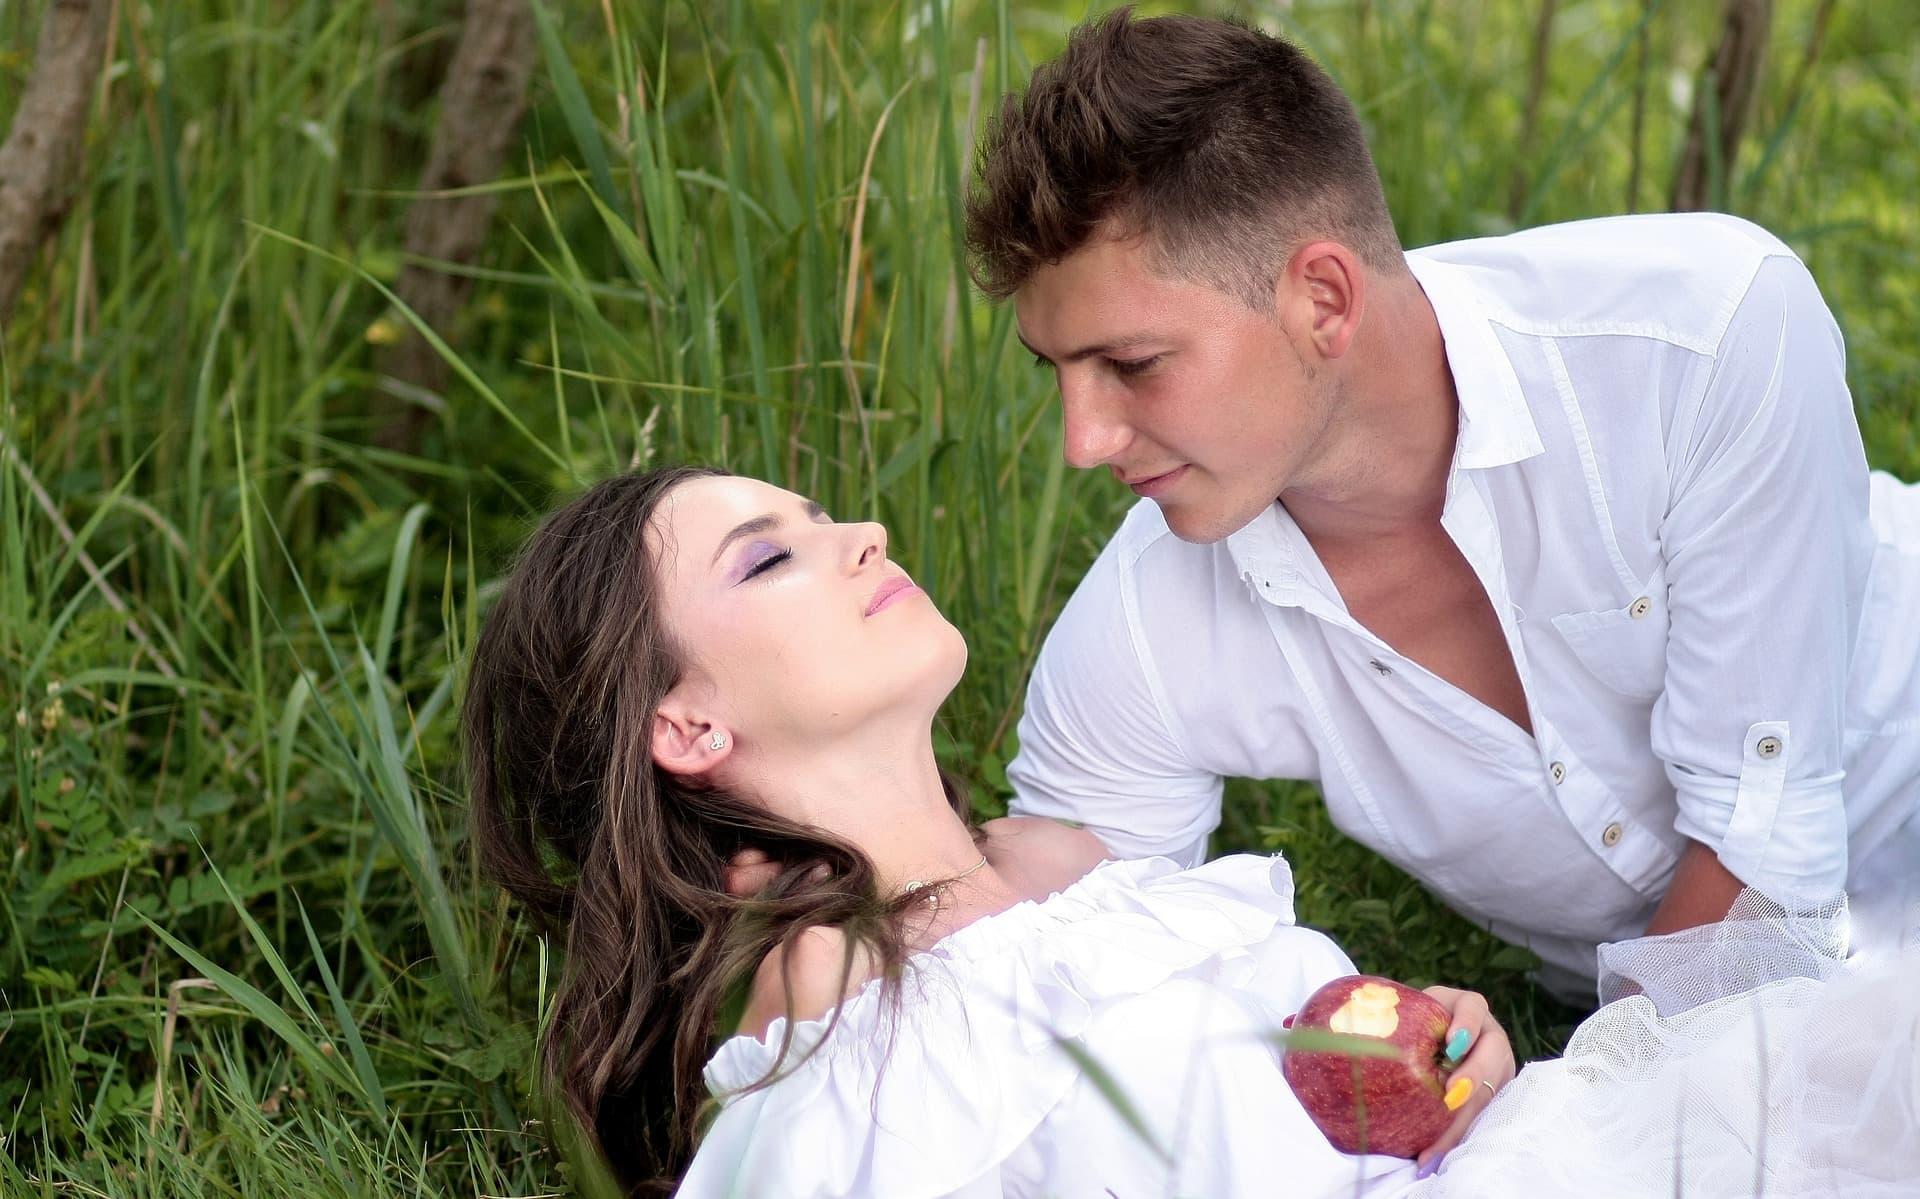 Если девушка в отношениях манипулирует, притворяется, играет с парнем, то существует несколько путей решения проблемы